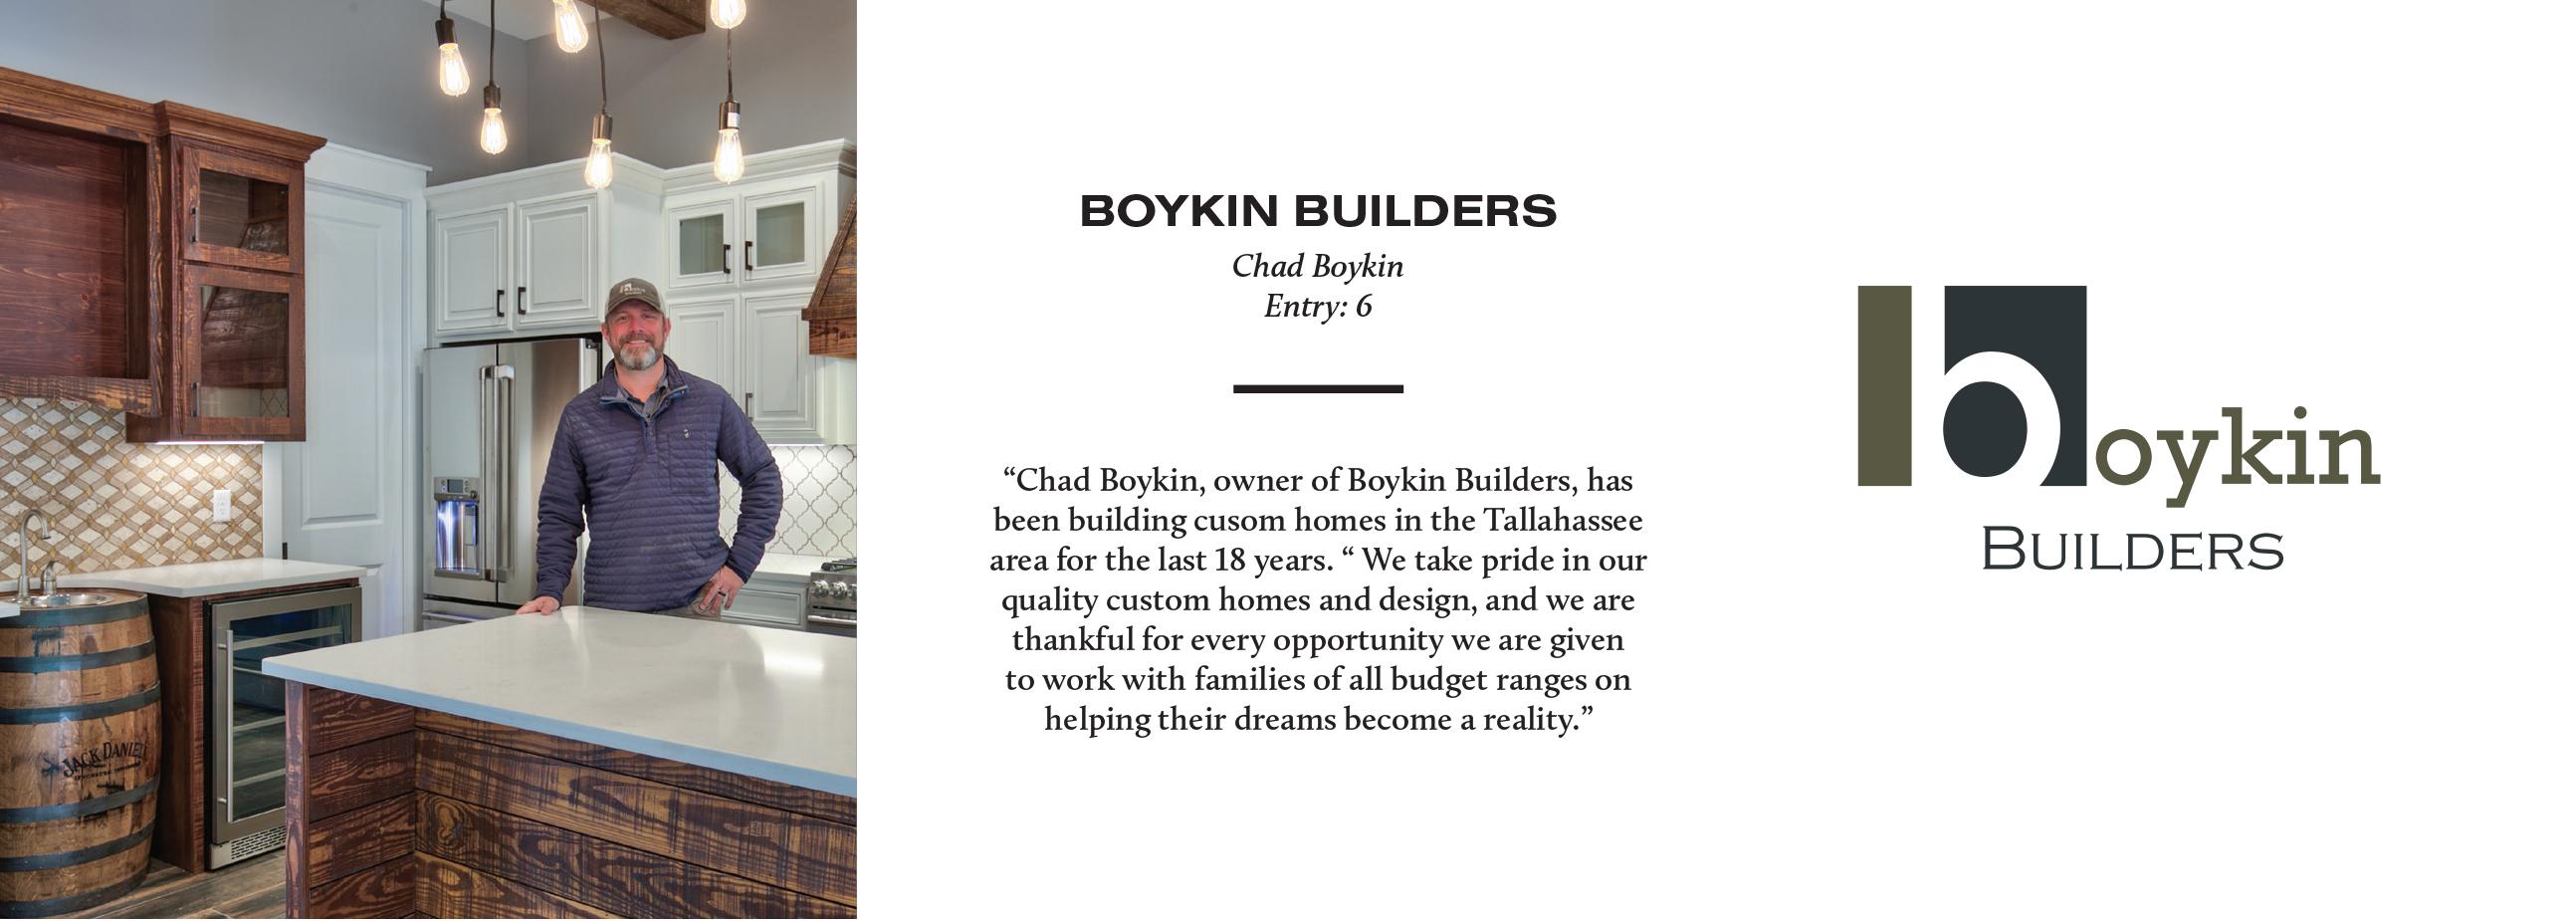 06_BoykinBuilders